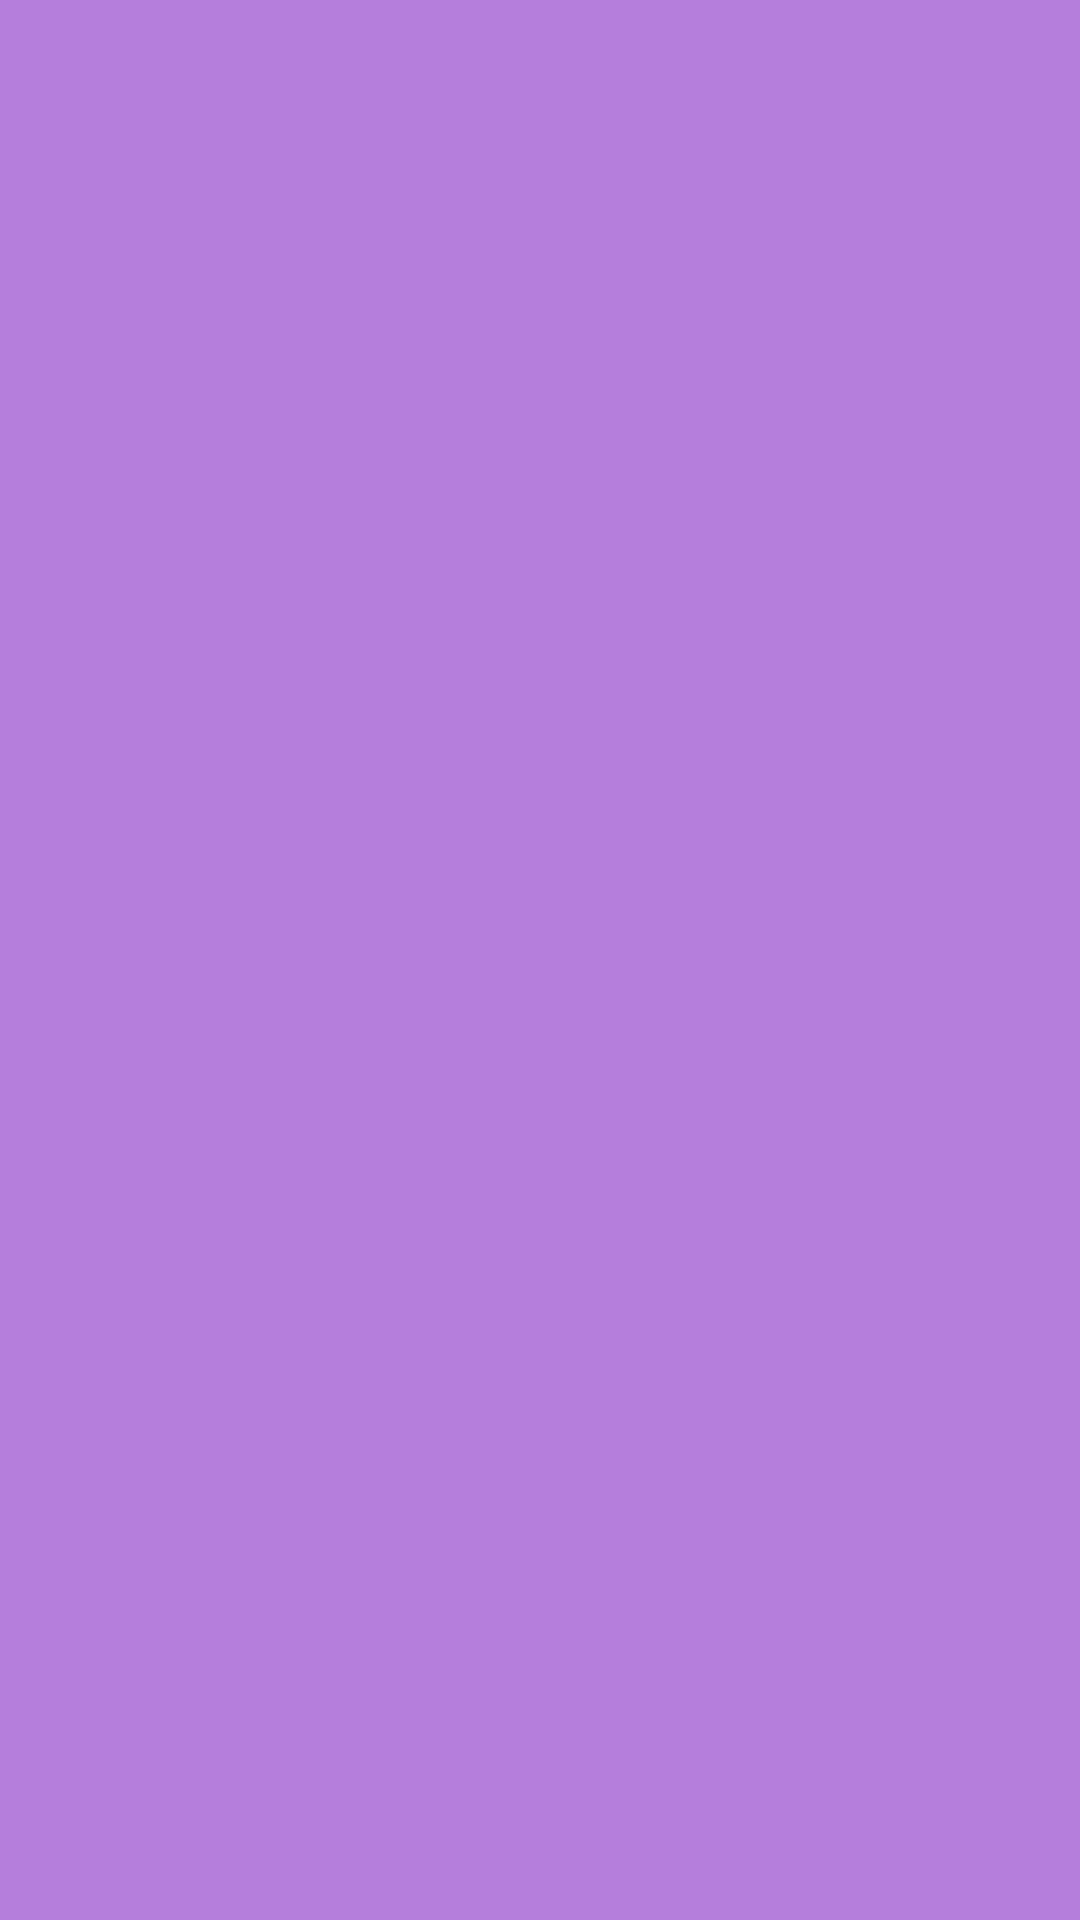 1080x1920 Lavender Floral Solid Color Background